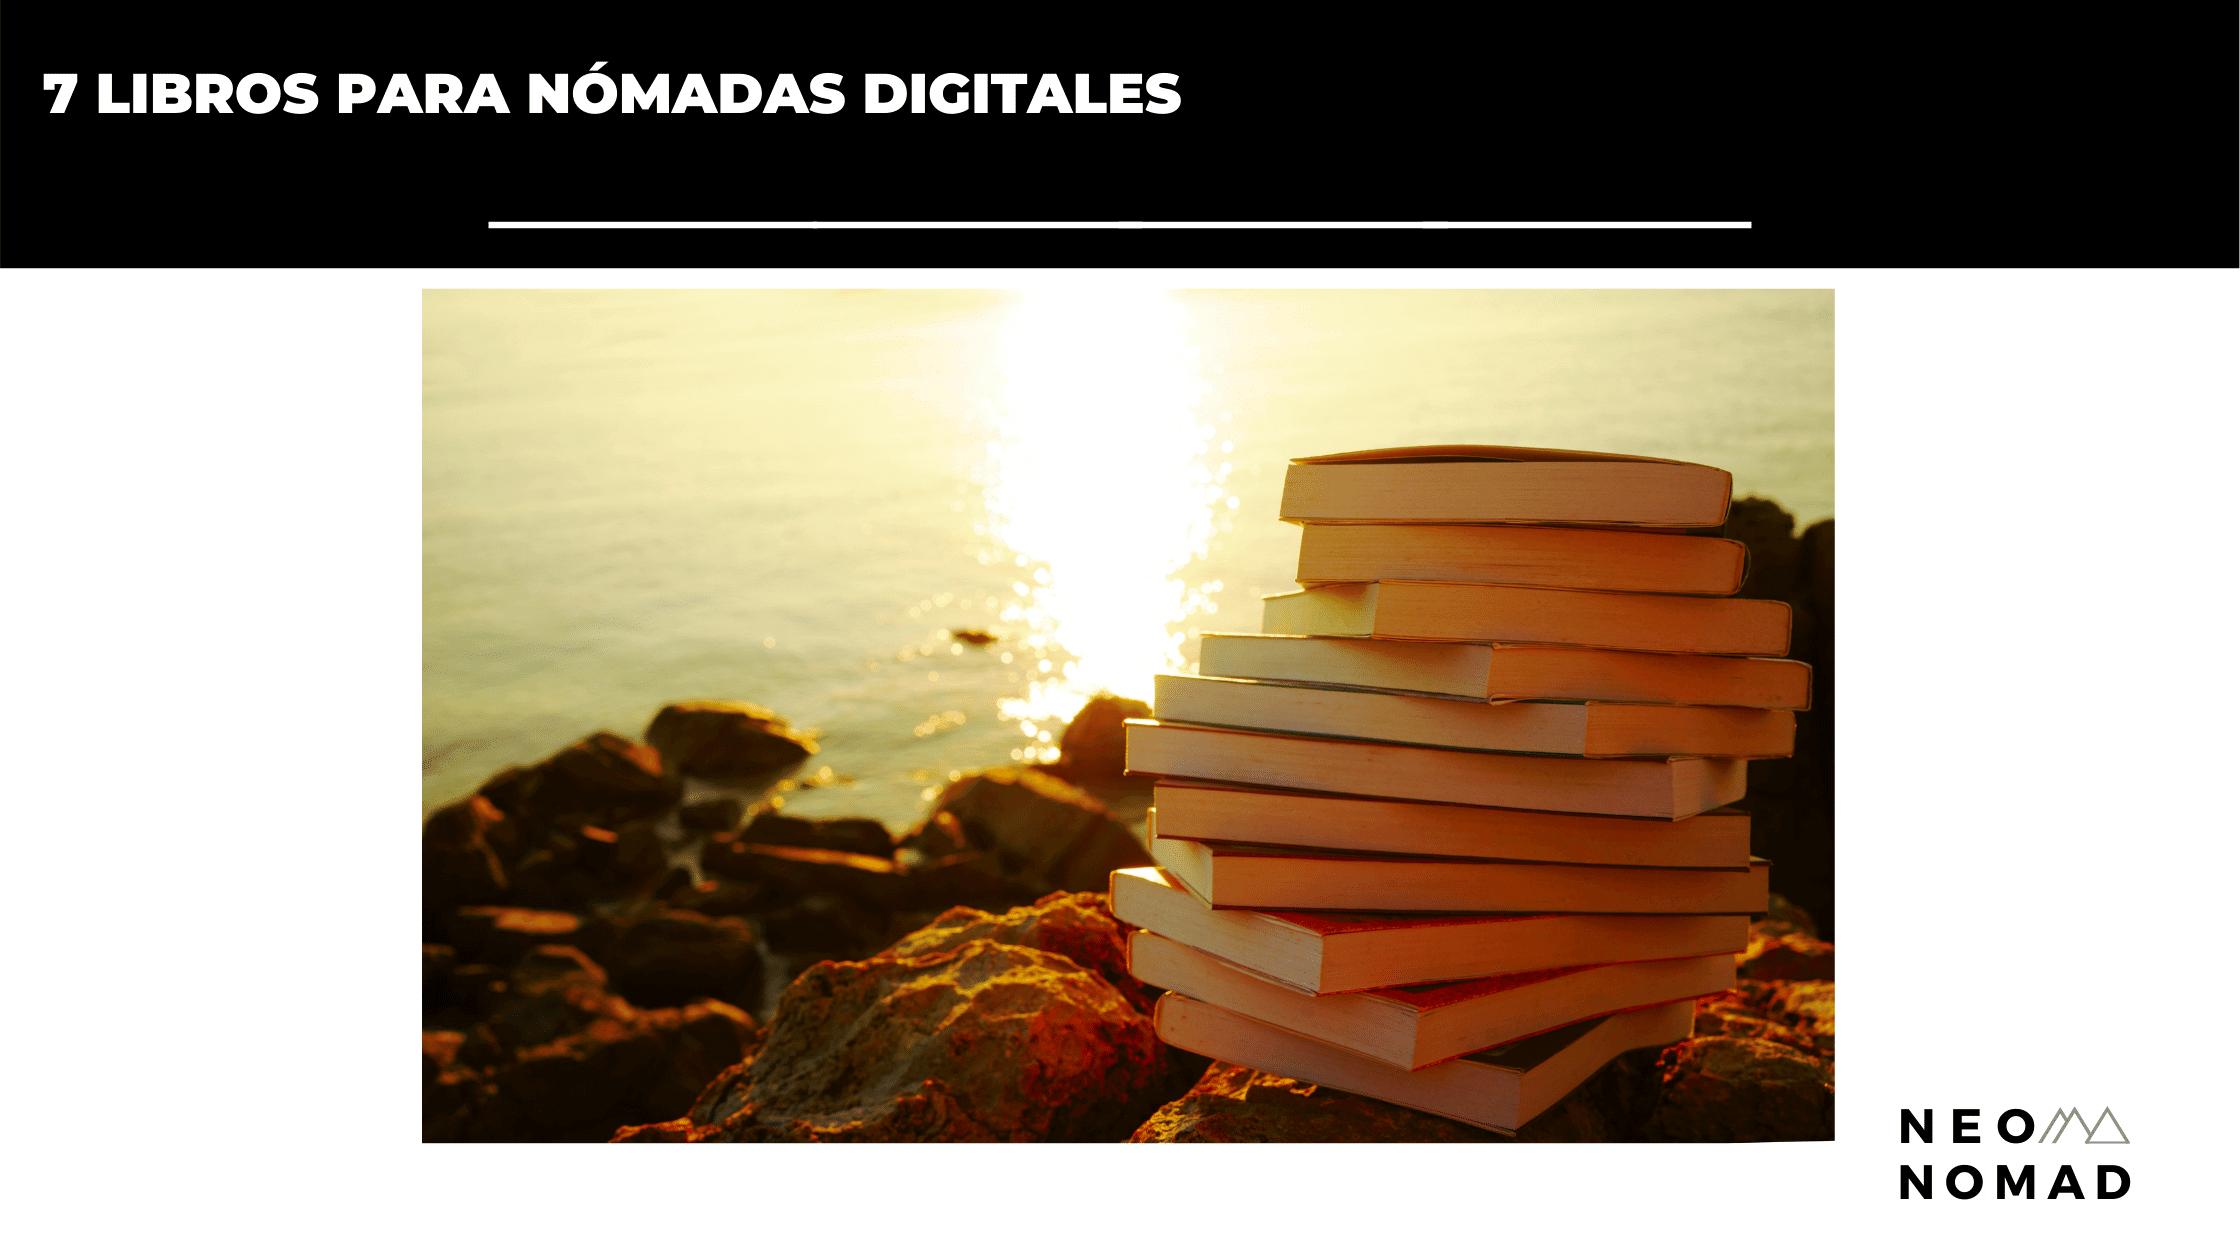 7 libros para nómadas